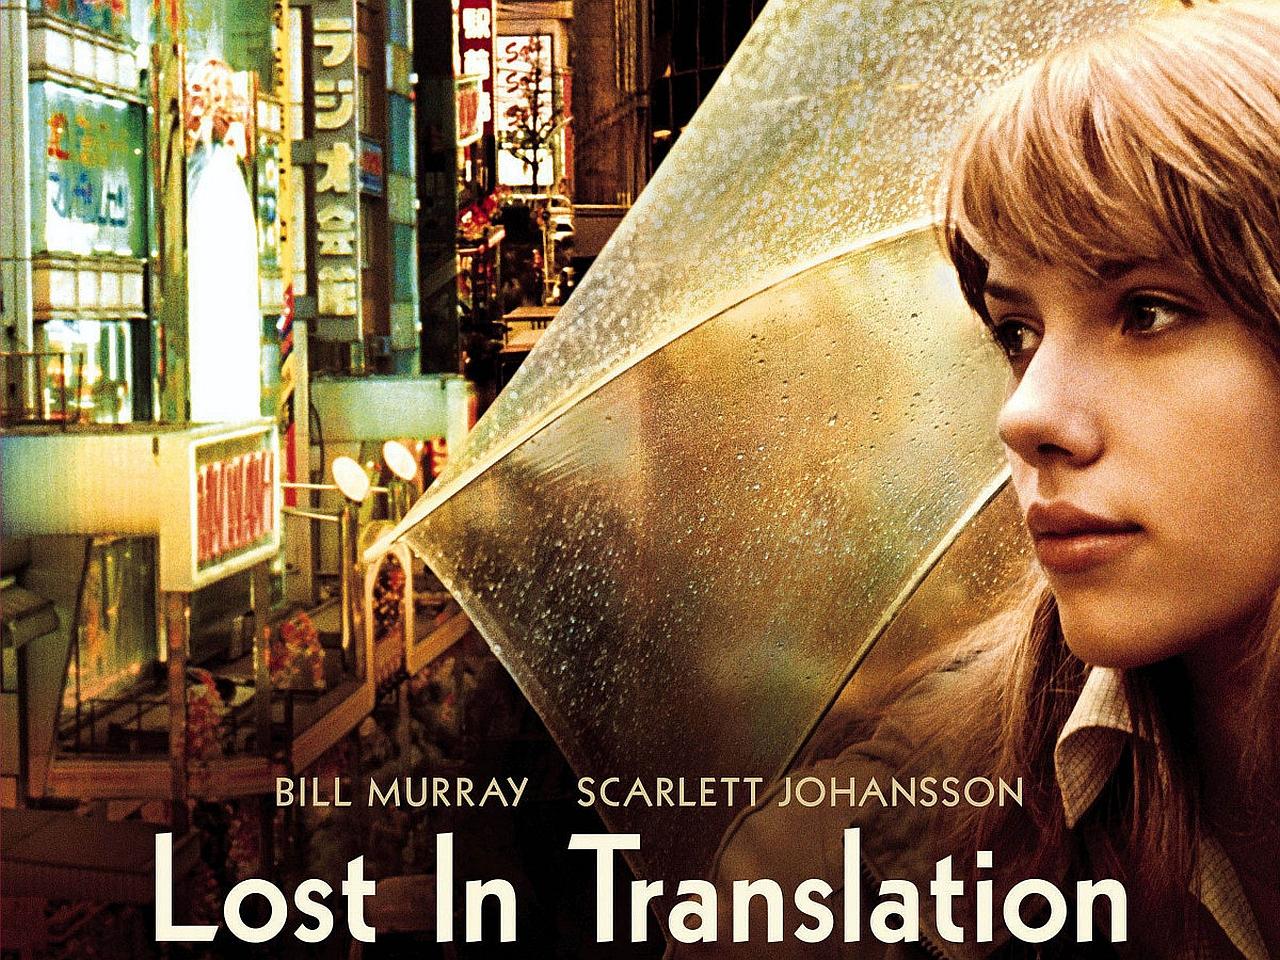 映画「ロスト・イン・トランスレーション」のポスター